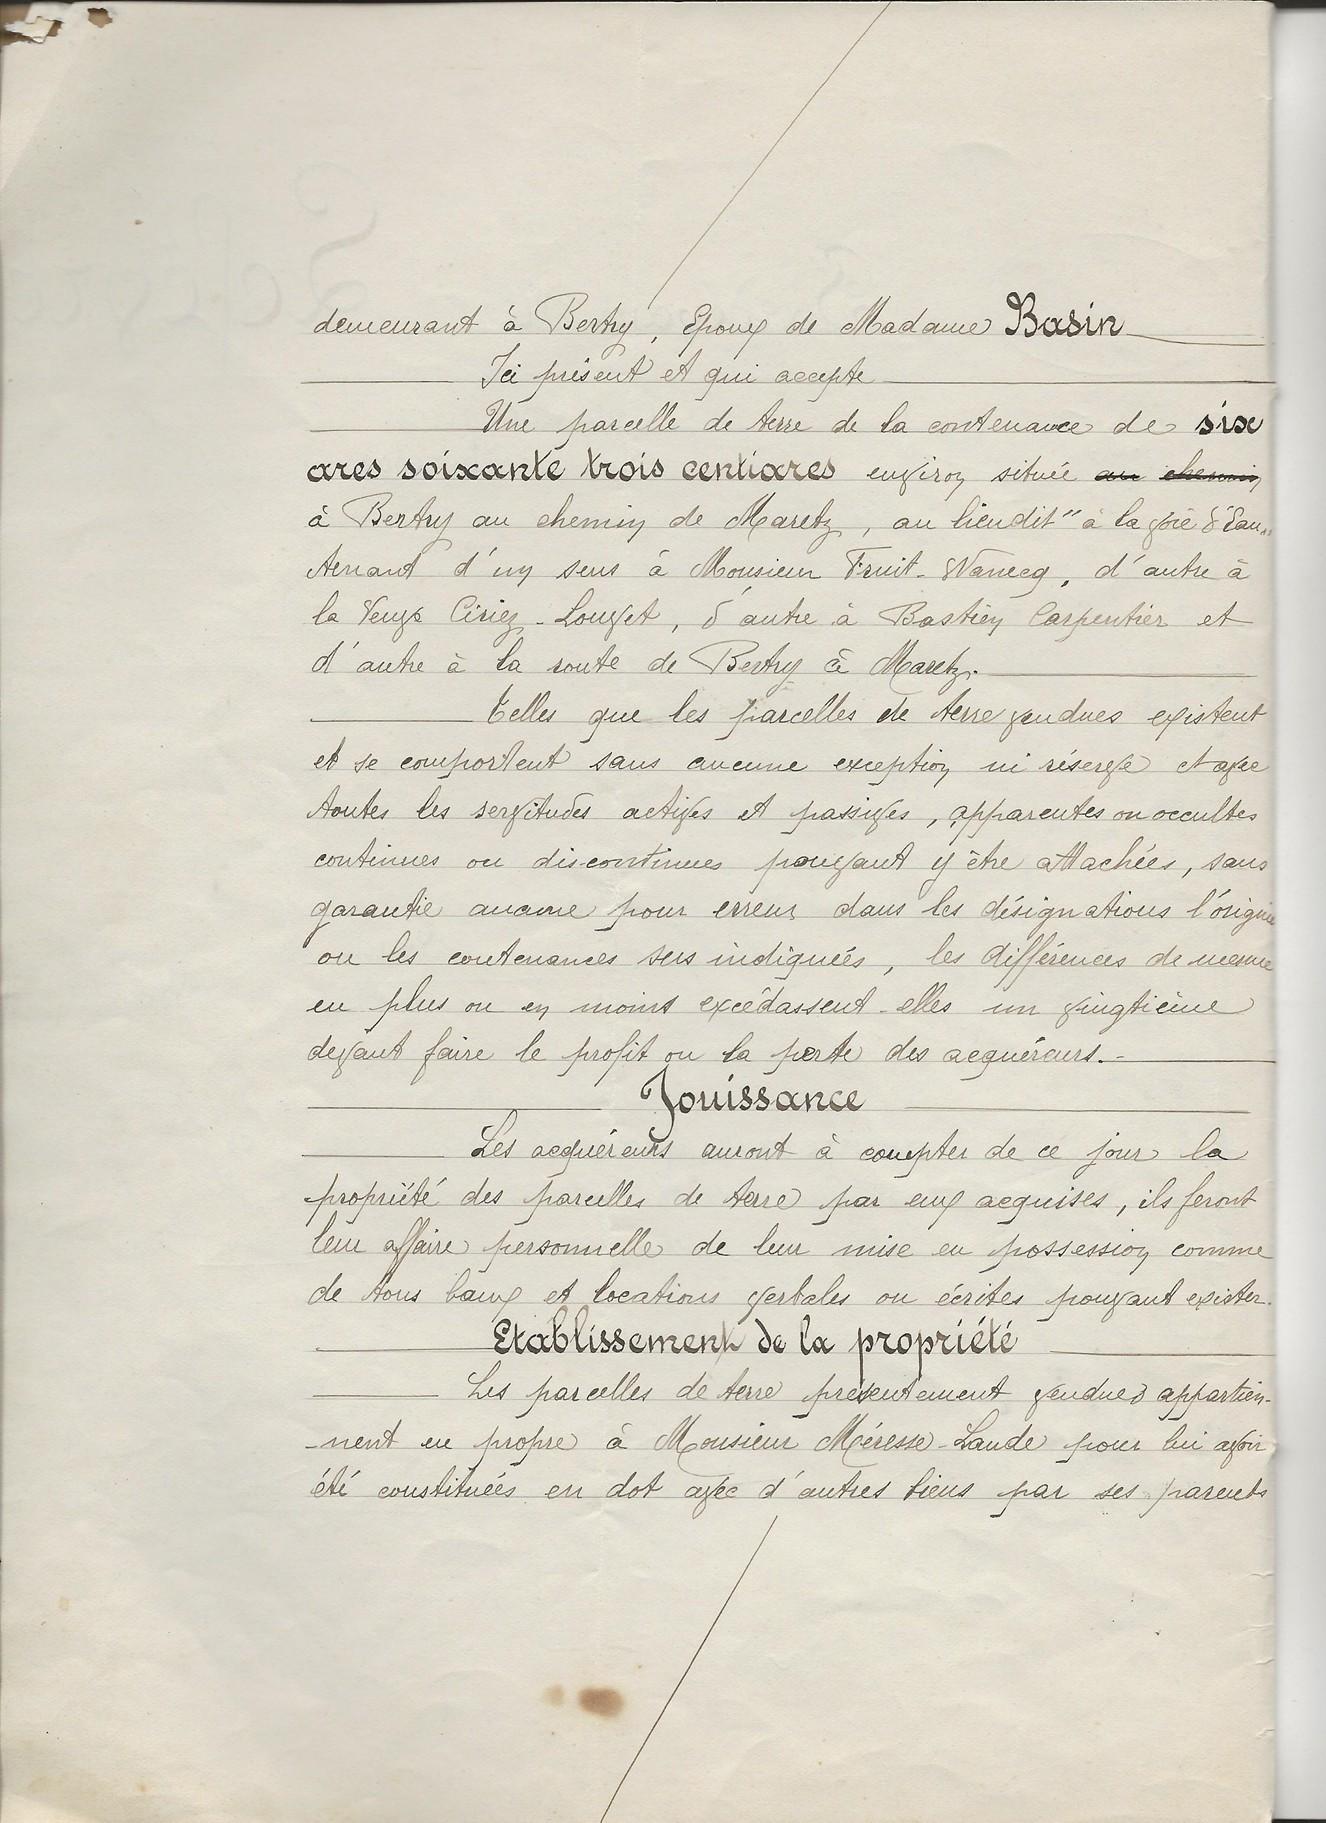 1920 vente meresse x laude a fruit wanecq 002